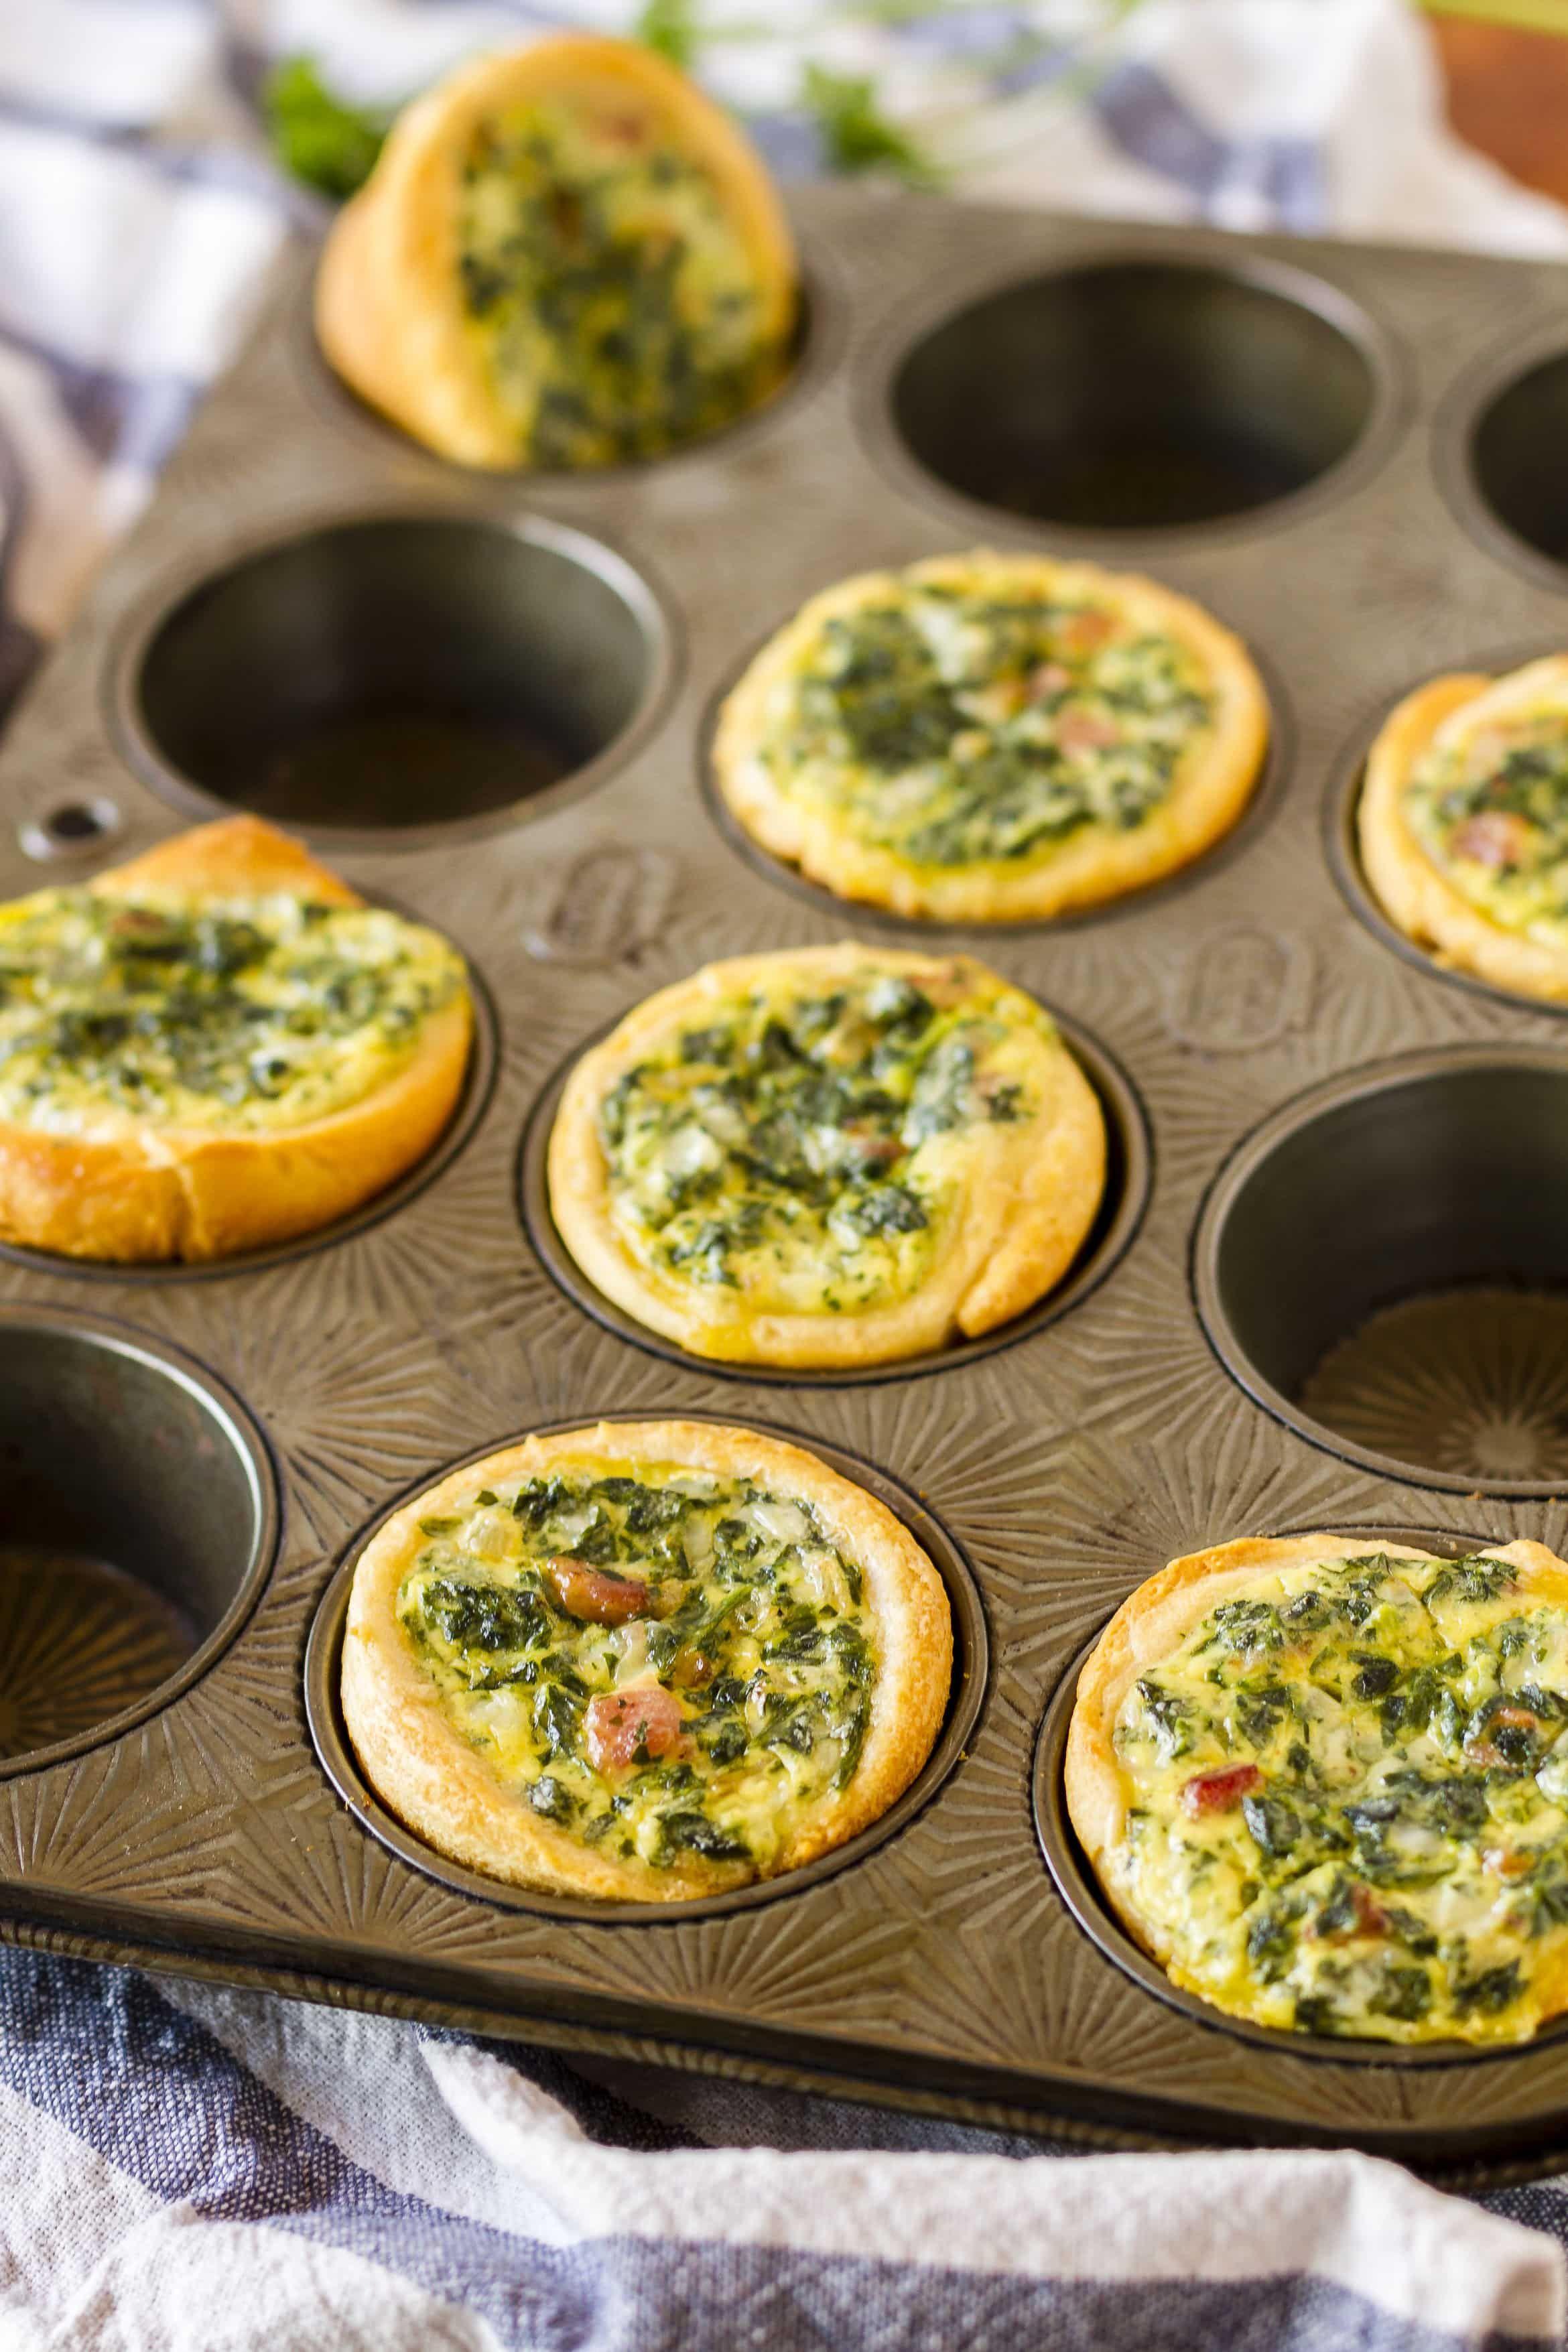 Mini Spinach Quiche Recipe For Brunch Or On The Go Unsophisticook Breakfast Quiche Recipes Quiche Recipes Easy Mini Spinach Quiche Recipe